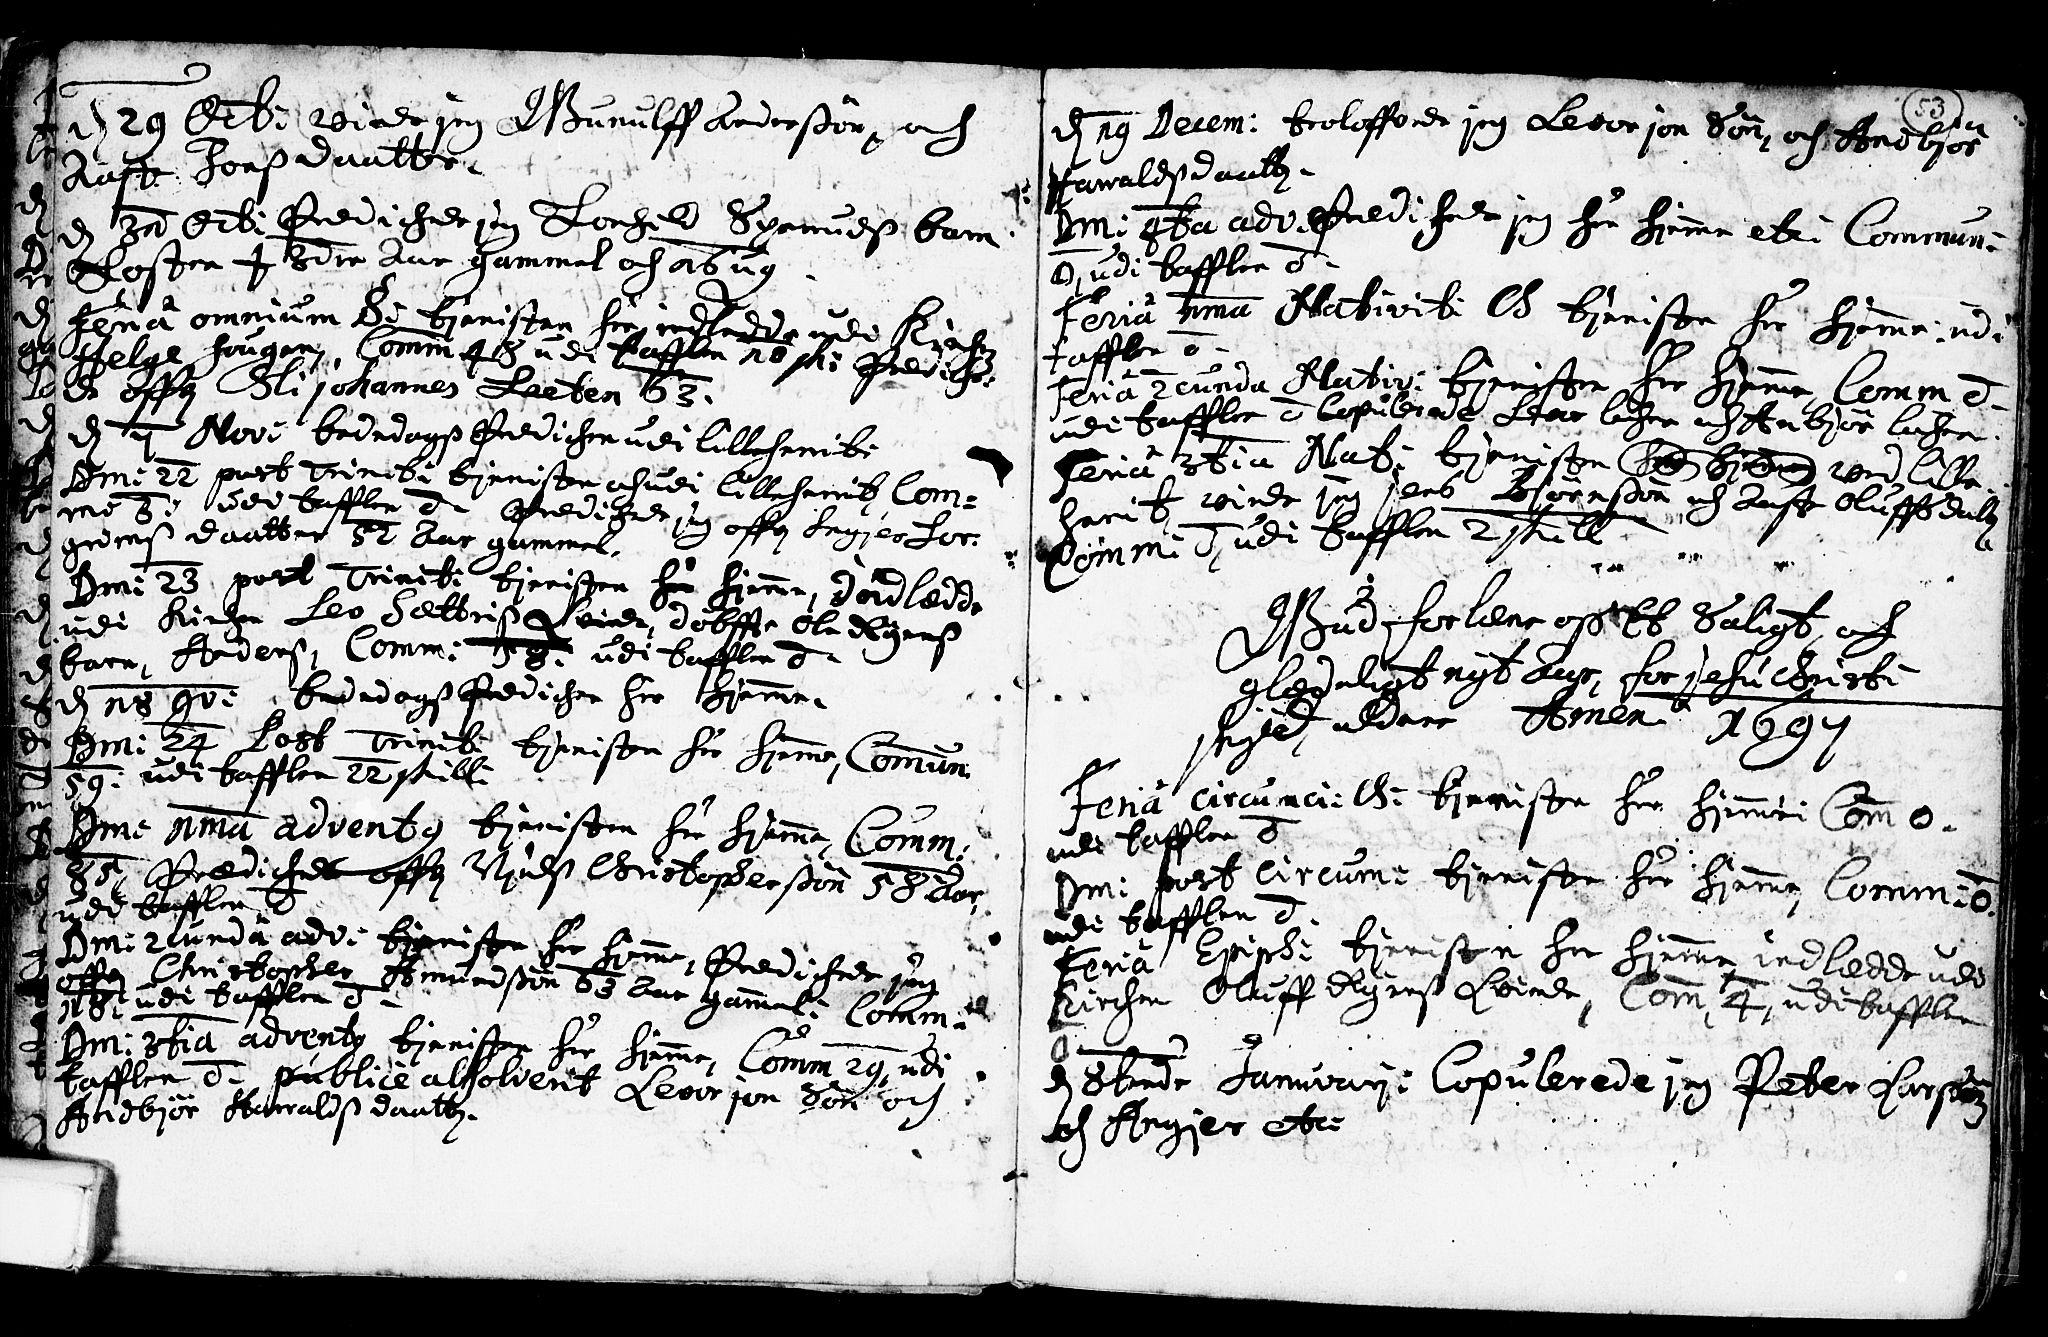 SAKO, Heddal kirkebøker, F/Fa/L0001: Ministerialbok nr. I 1, 1648-1699, s. 53